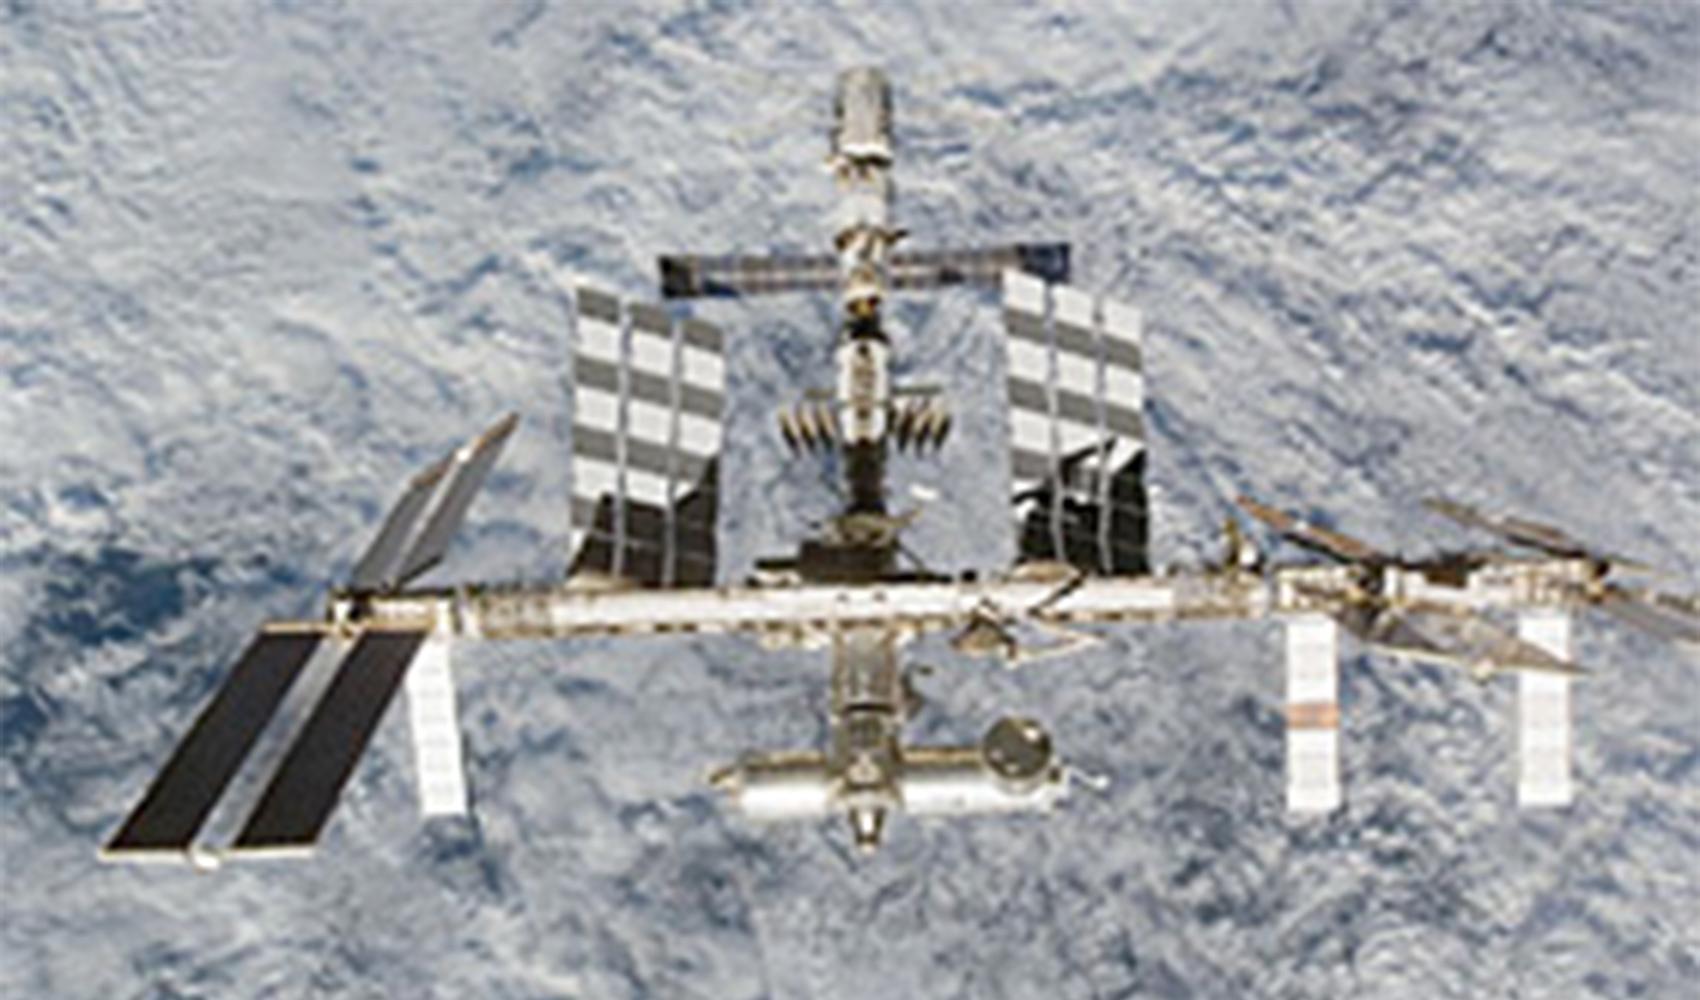 国際宇宙ステーションについて調べちゃおう